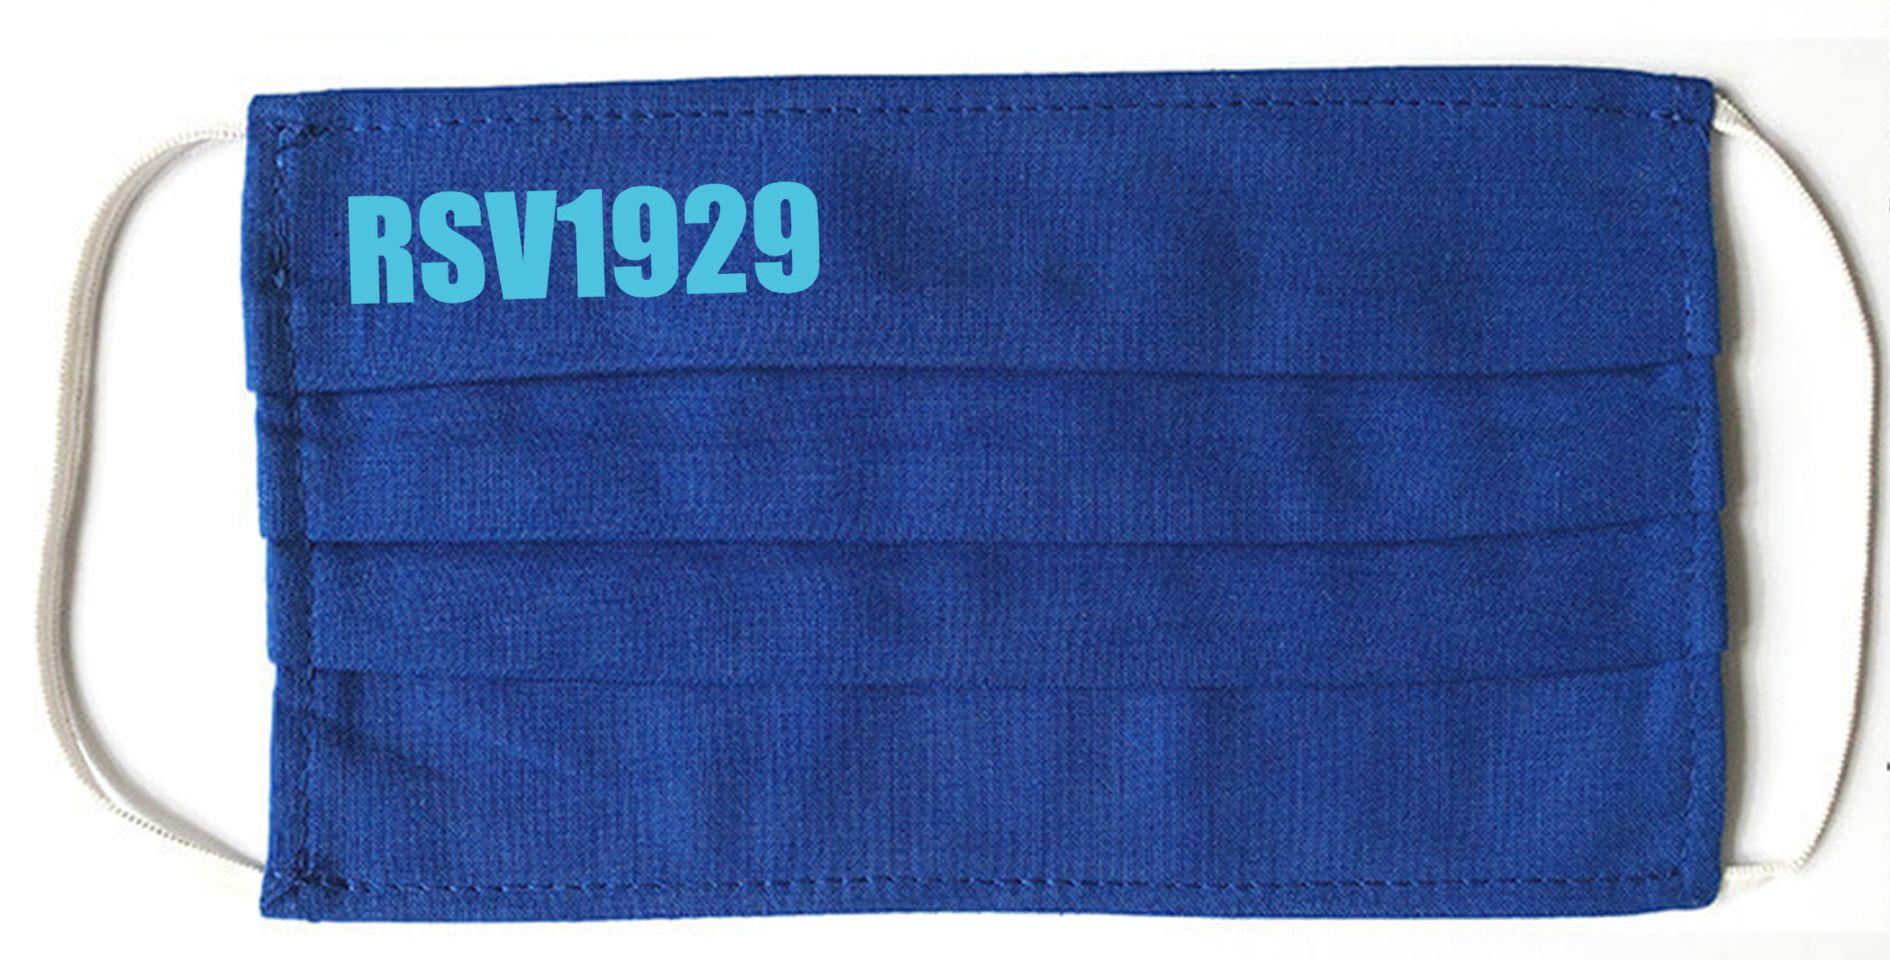 Wieder da zum Bestellen: die RSV-Maske!